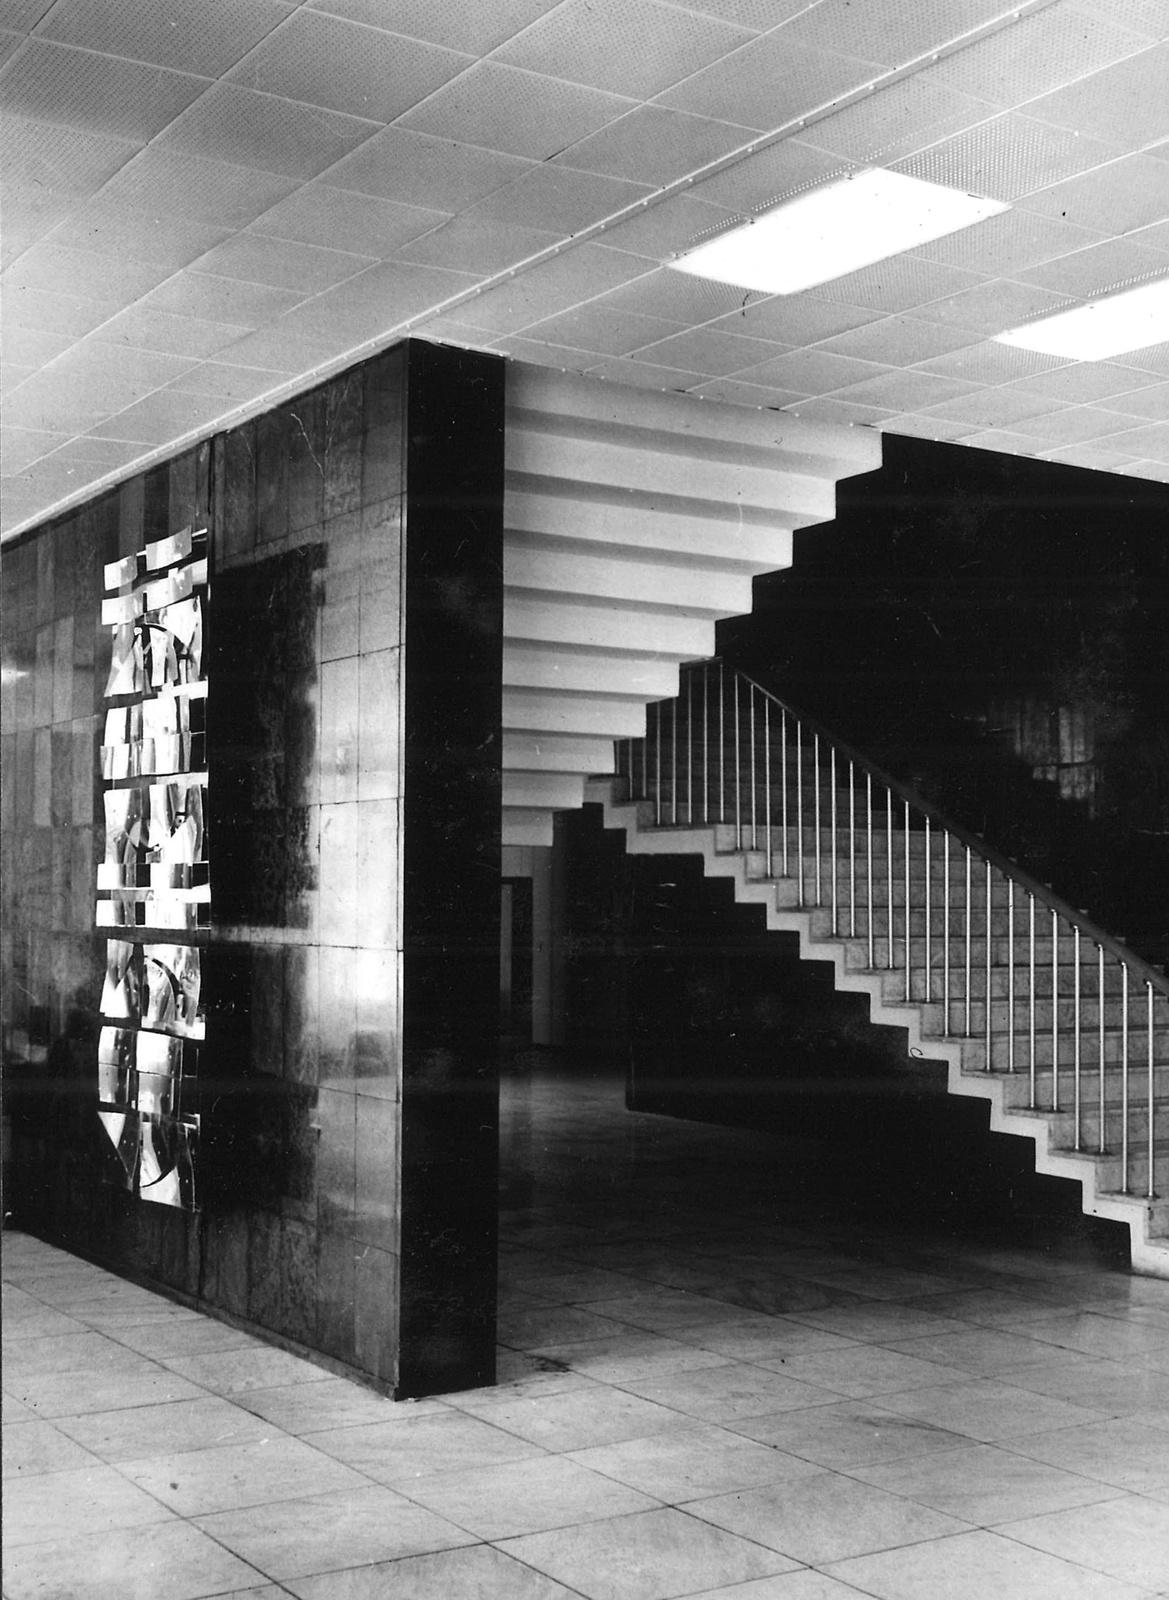 GazdasagiMiniszterium-MargitKrt-1970esEvek-04